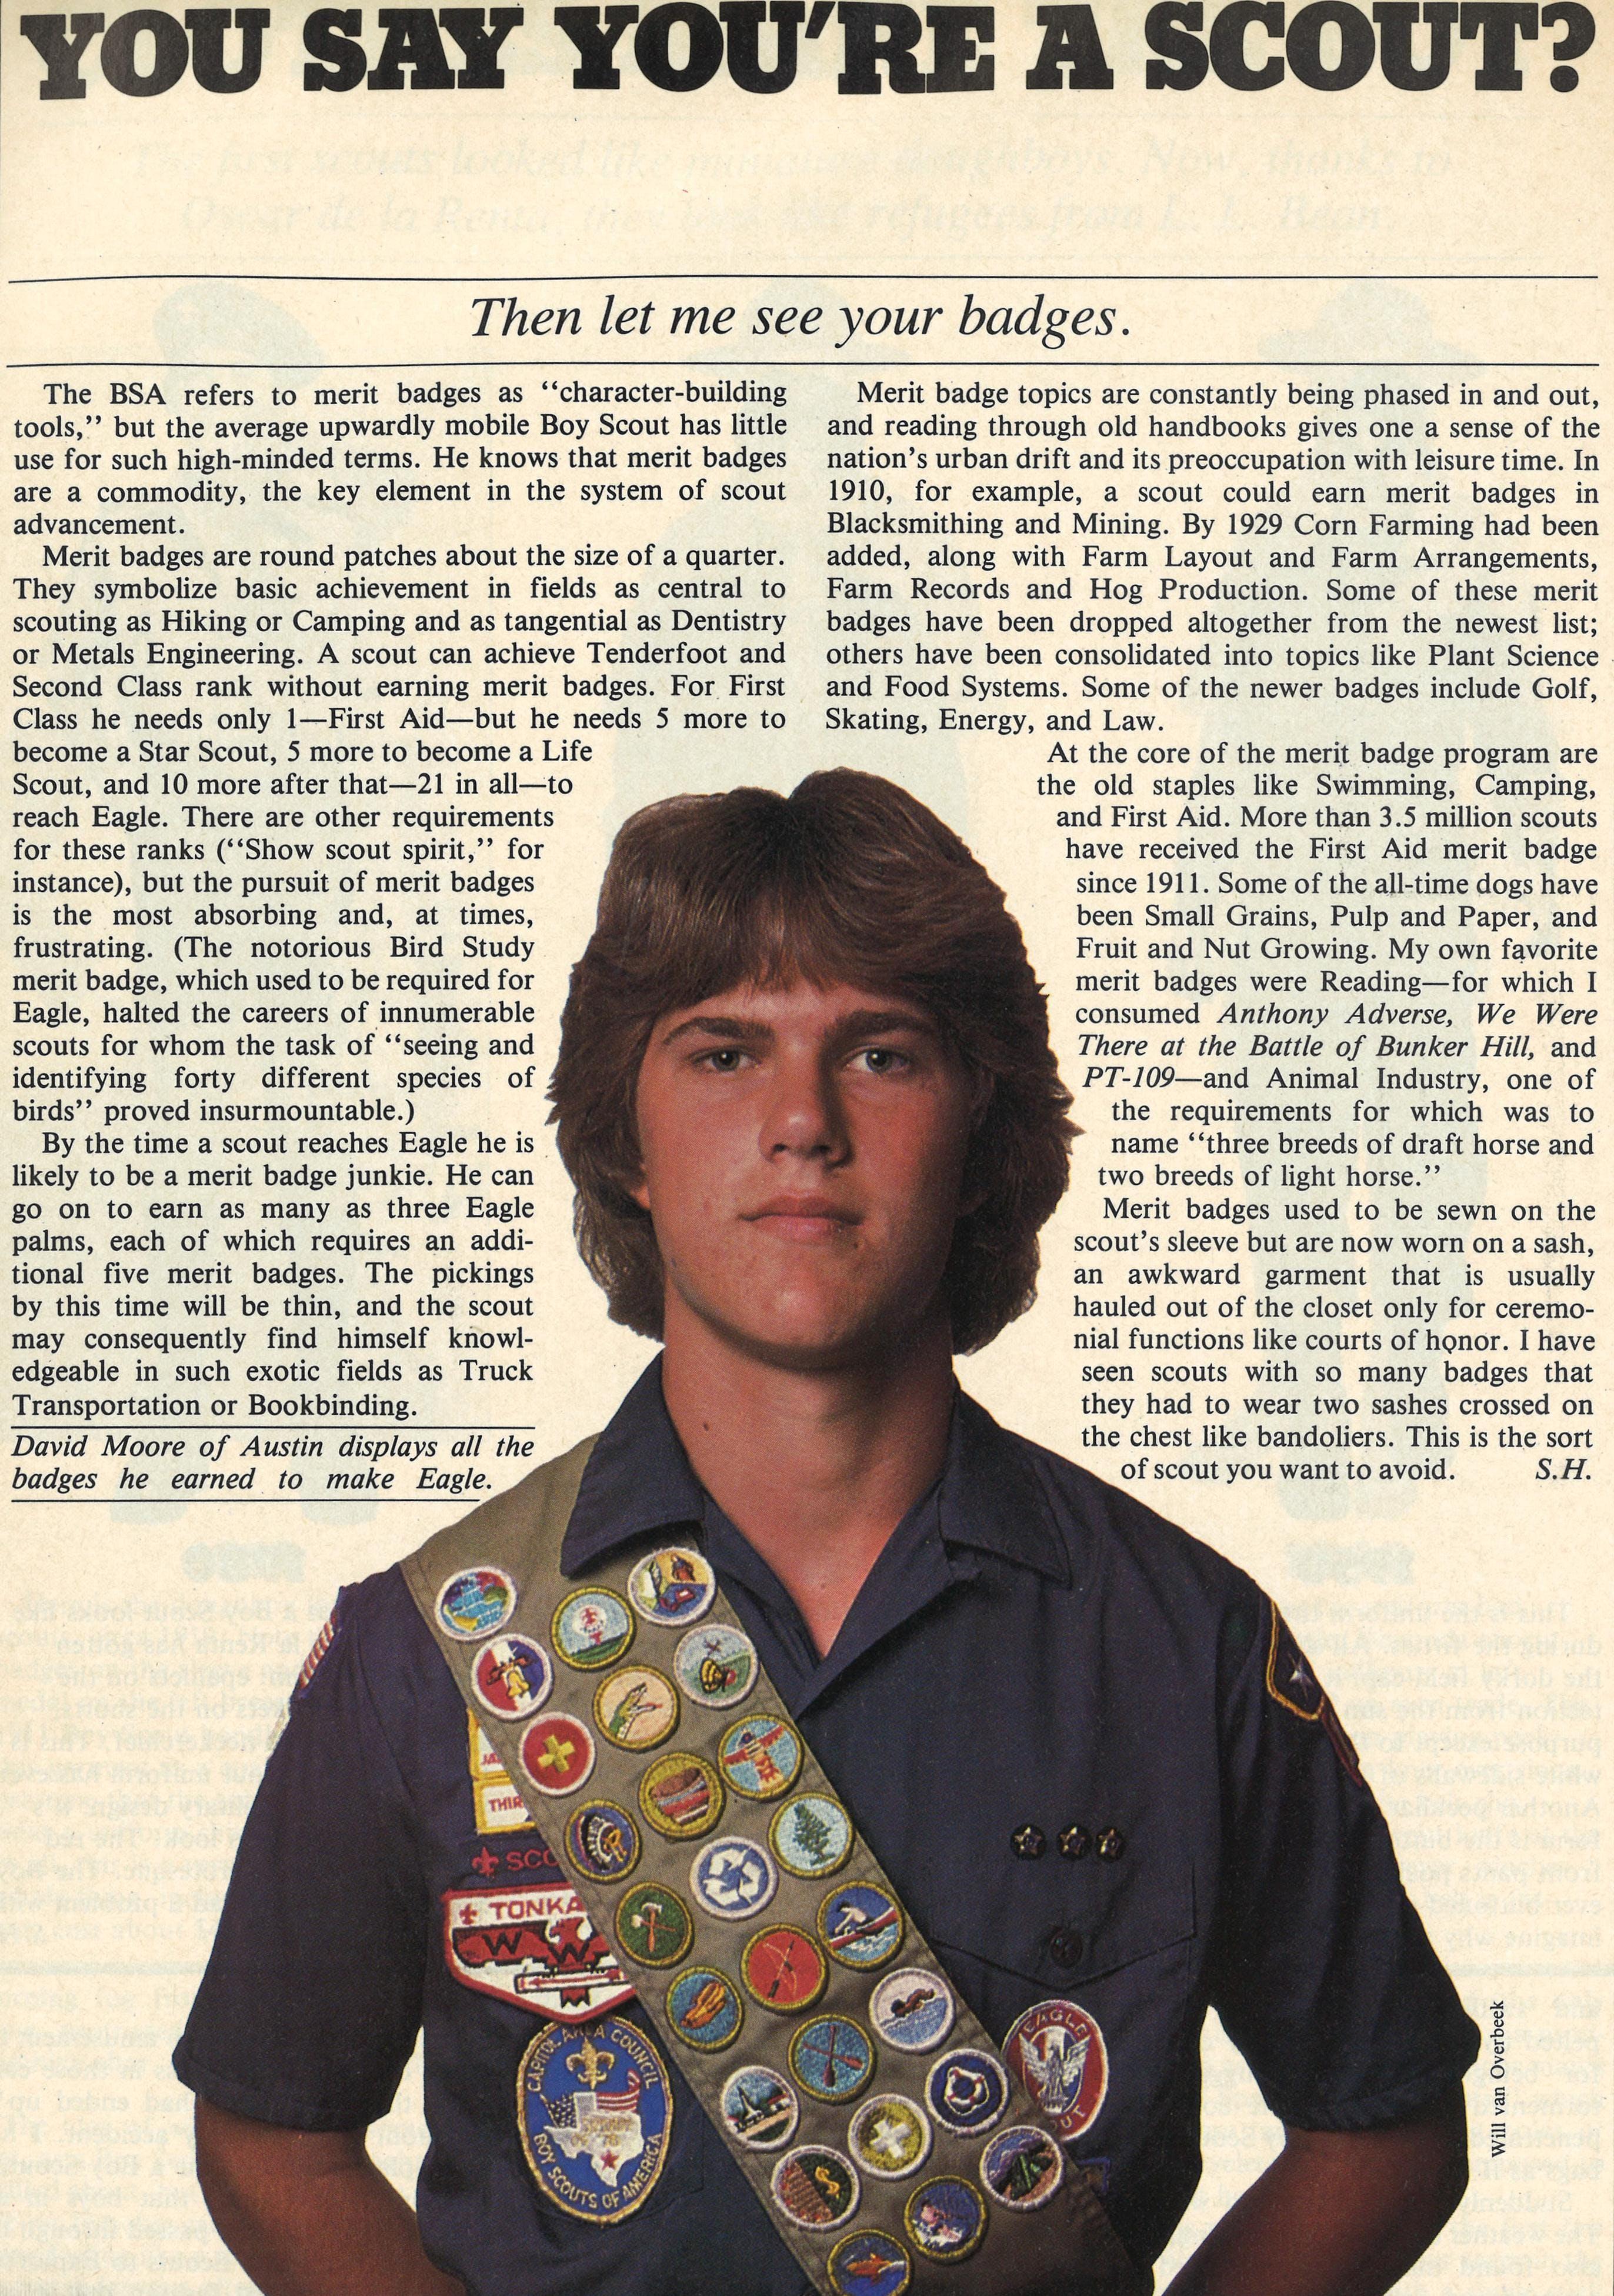 Boy Scouts2 - 0009